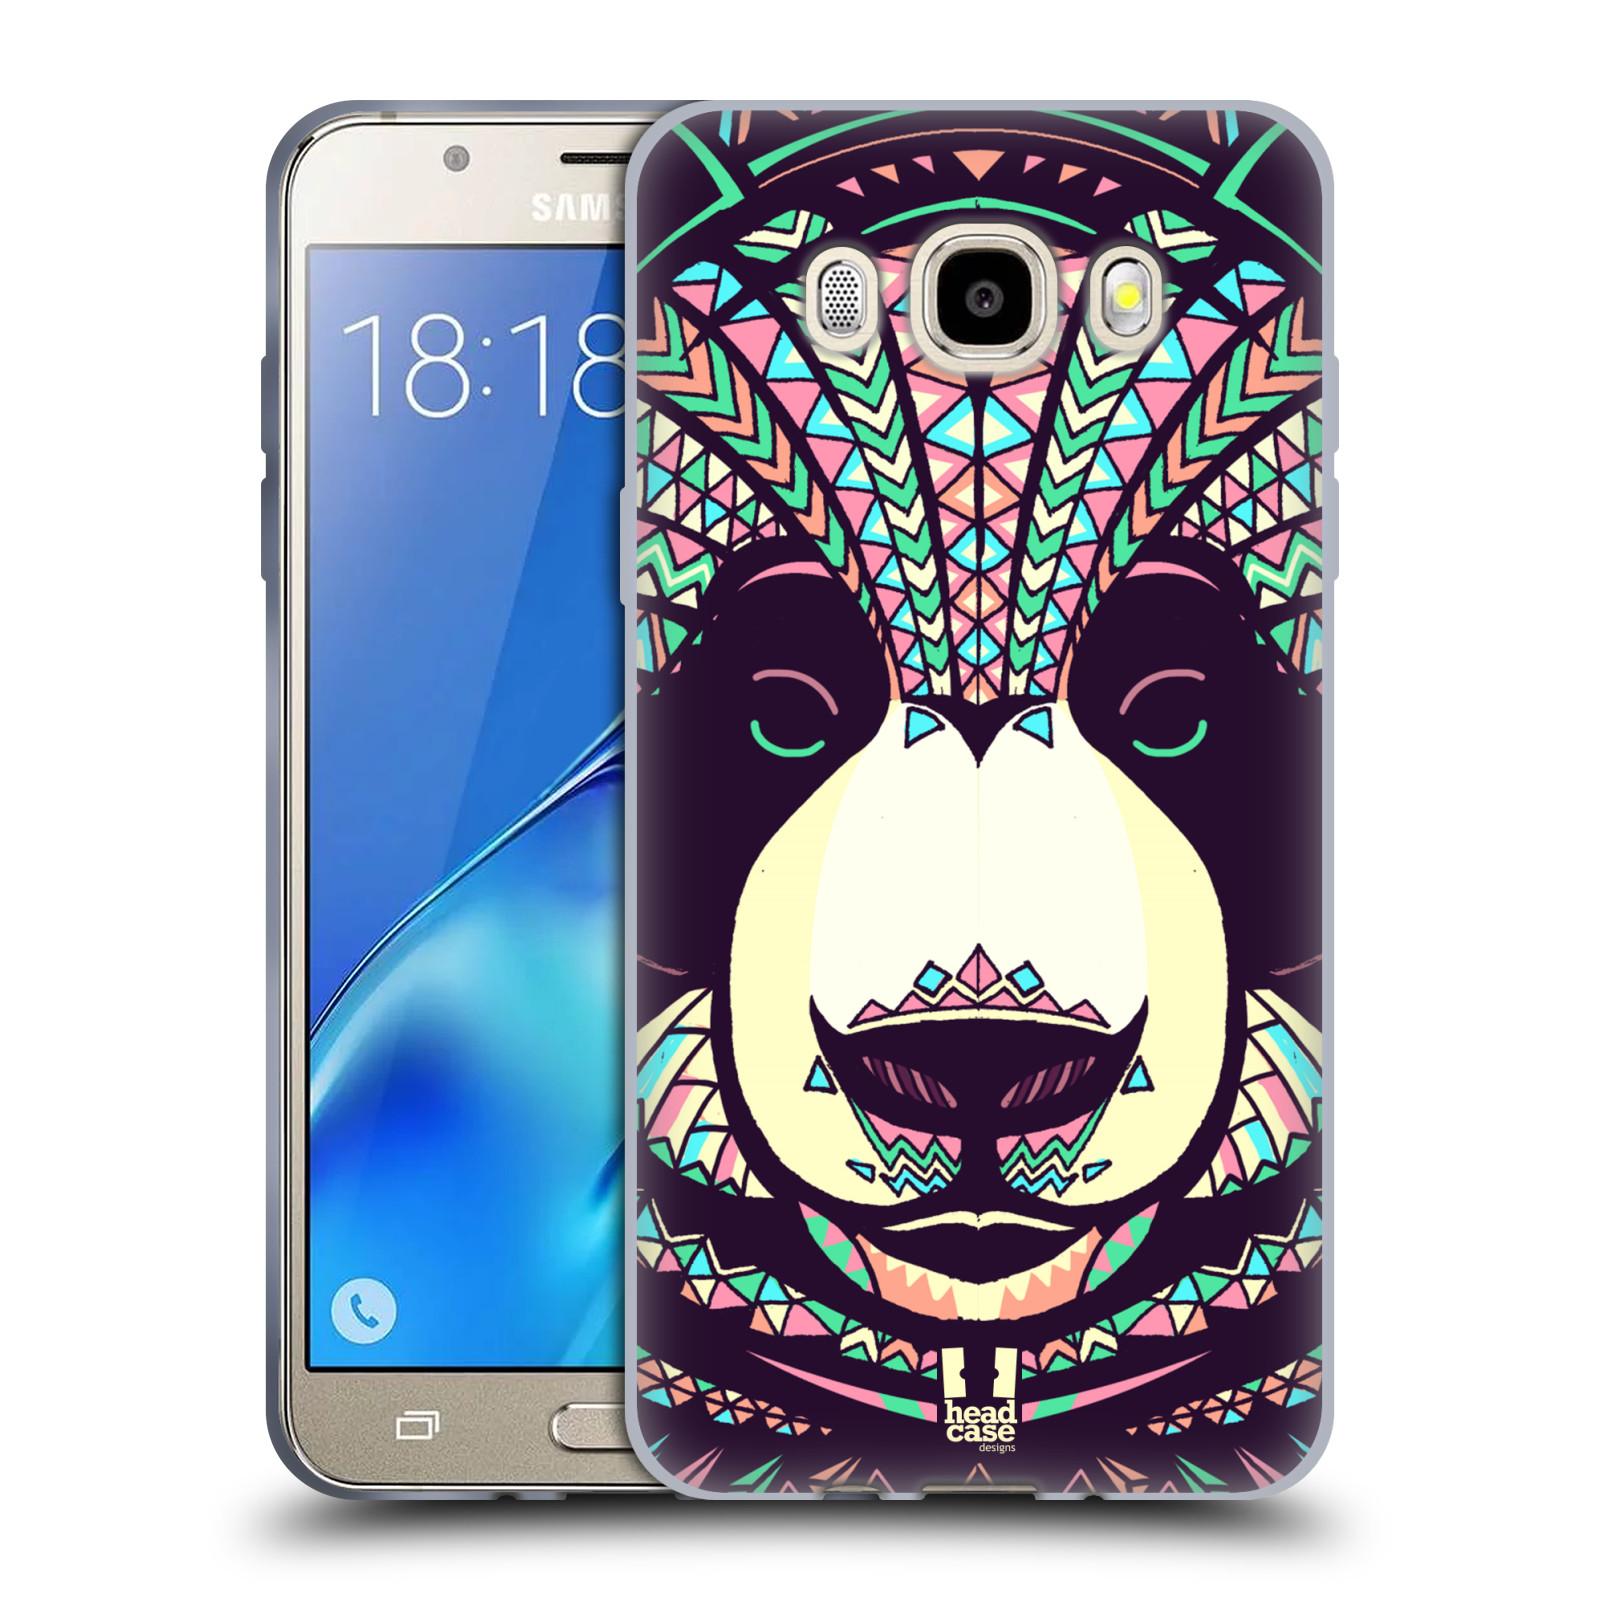 HEAD CASE silikonový obal, kryt na mobil Samsung Galaxy J5 2016, J510, J510F, (J510F DUAL SIM) vzor Aztécký motiv zvíře 3 panda